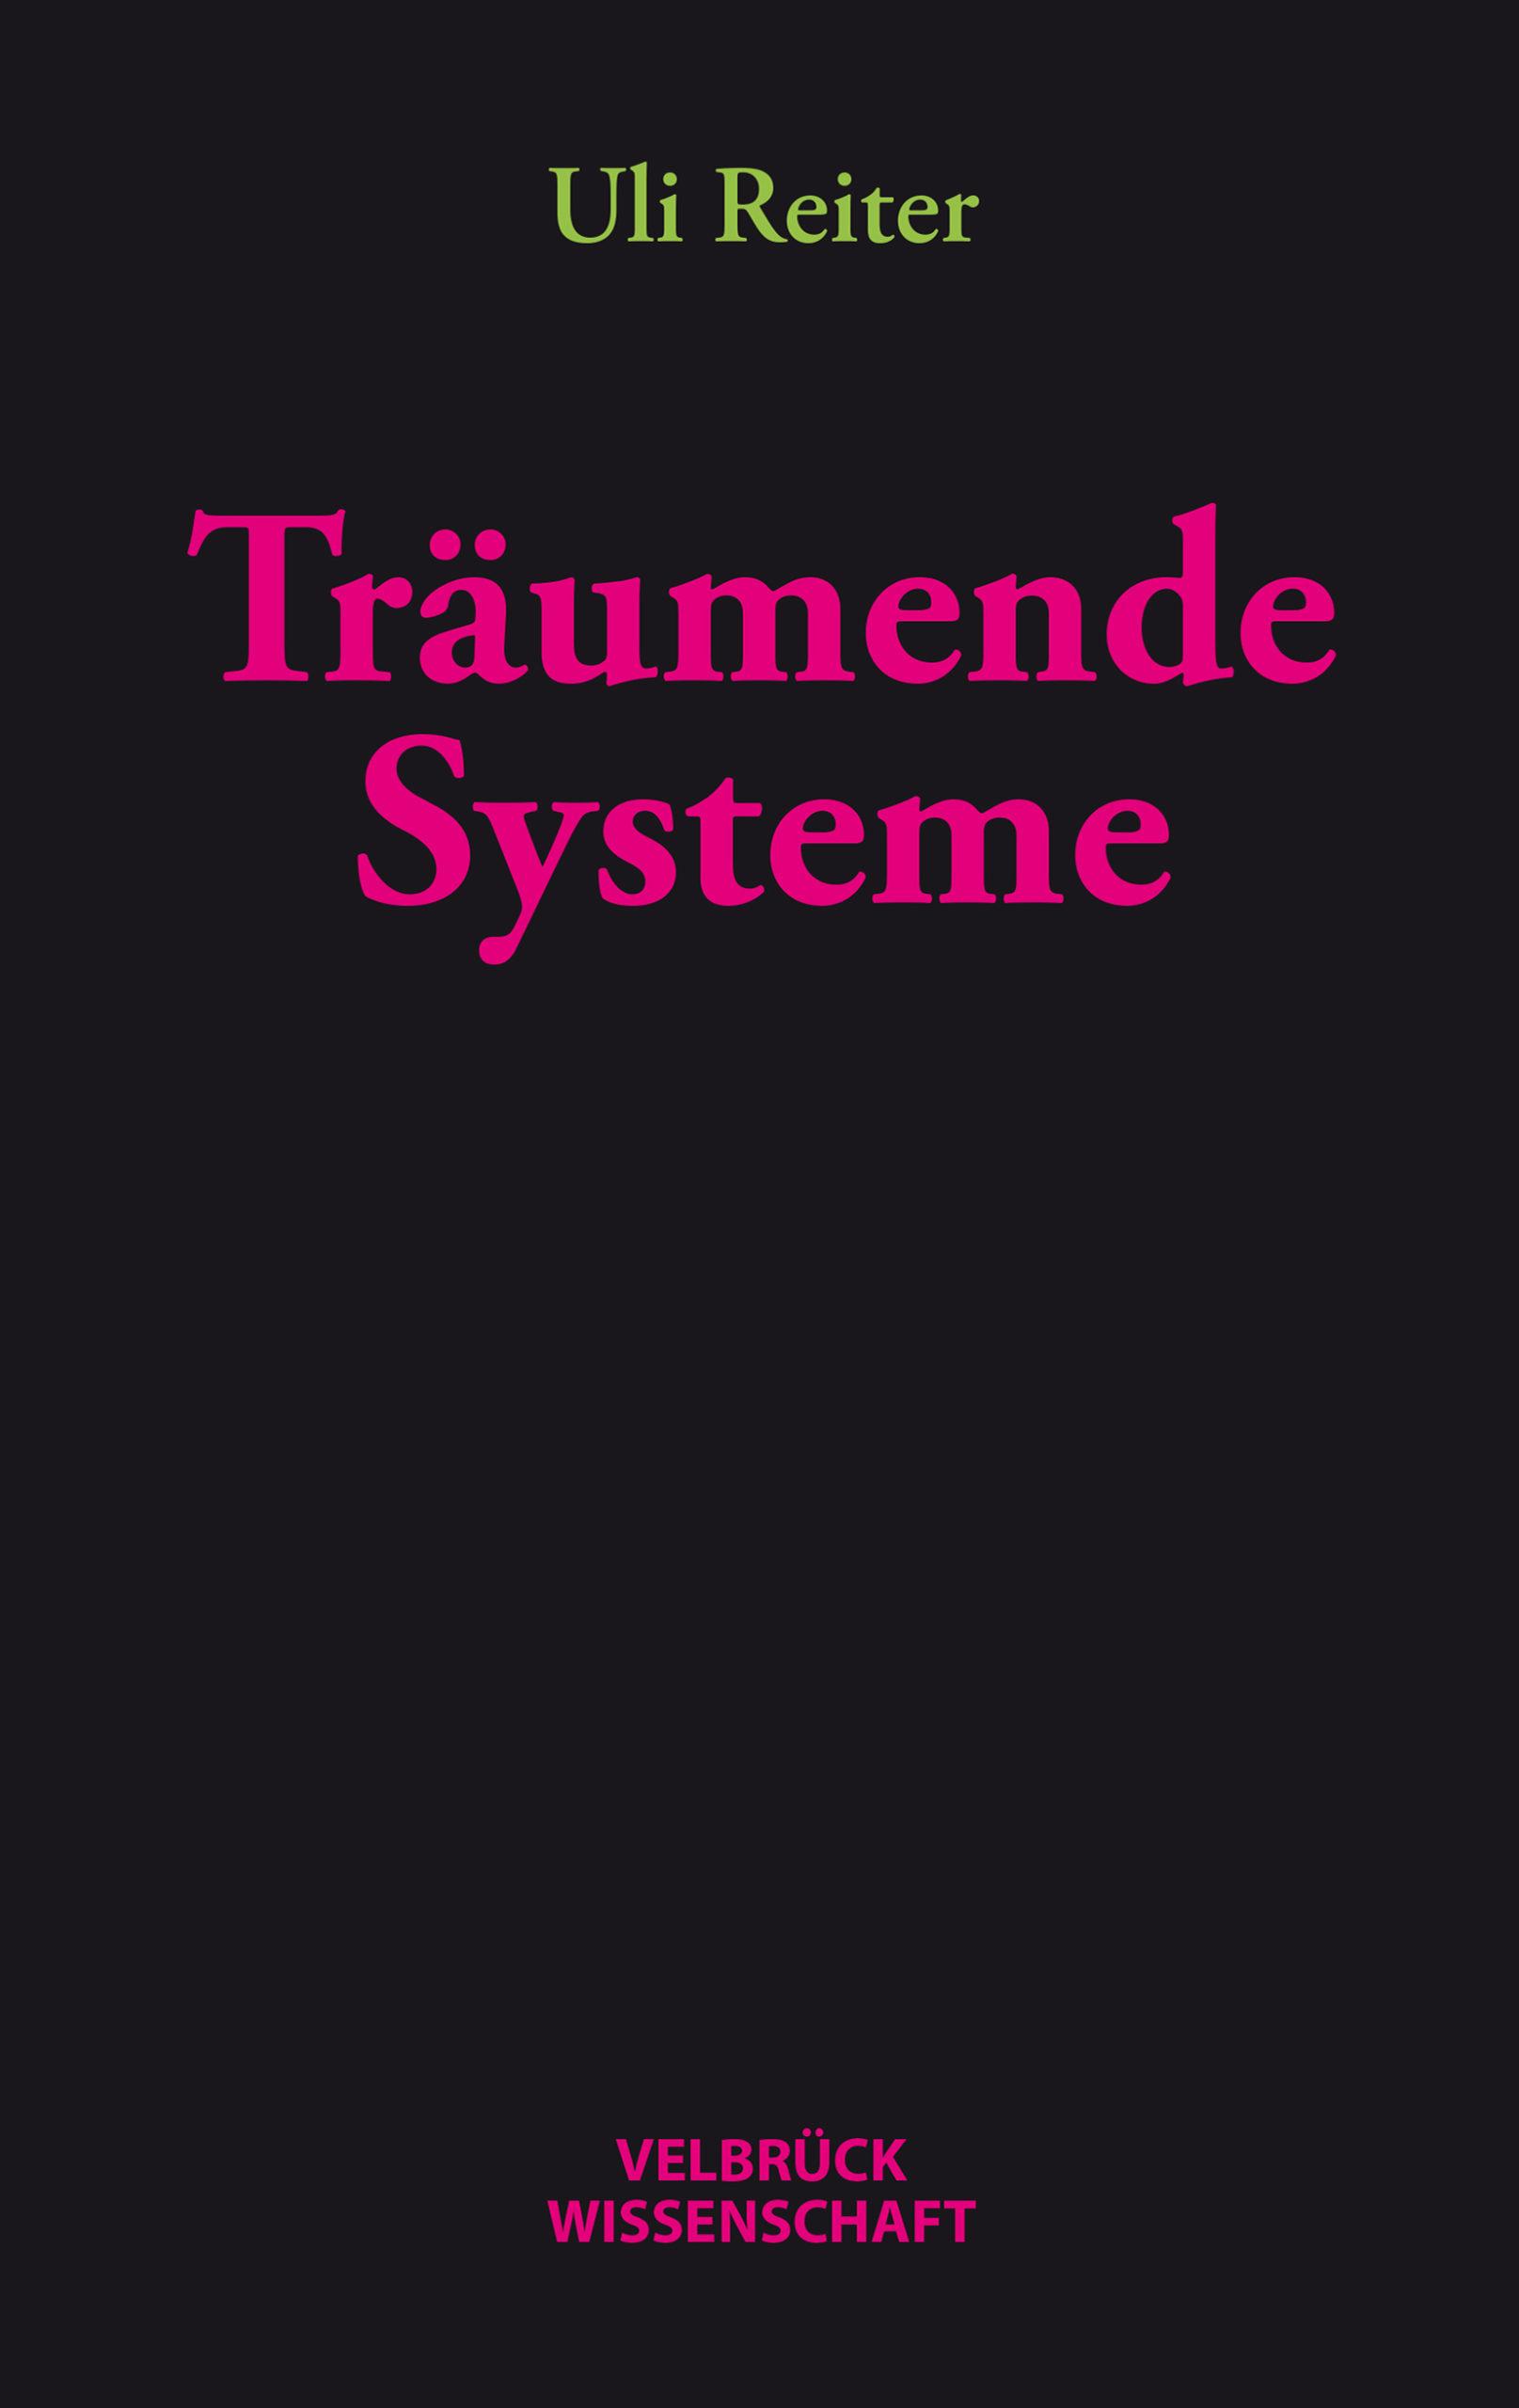 Träumende Systeme | Eine Traumtheorie der Systemtheorie | Uli Reiter